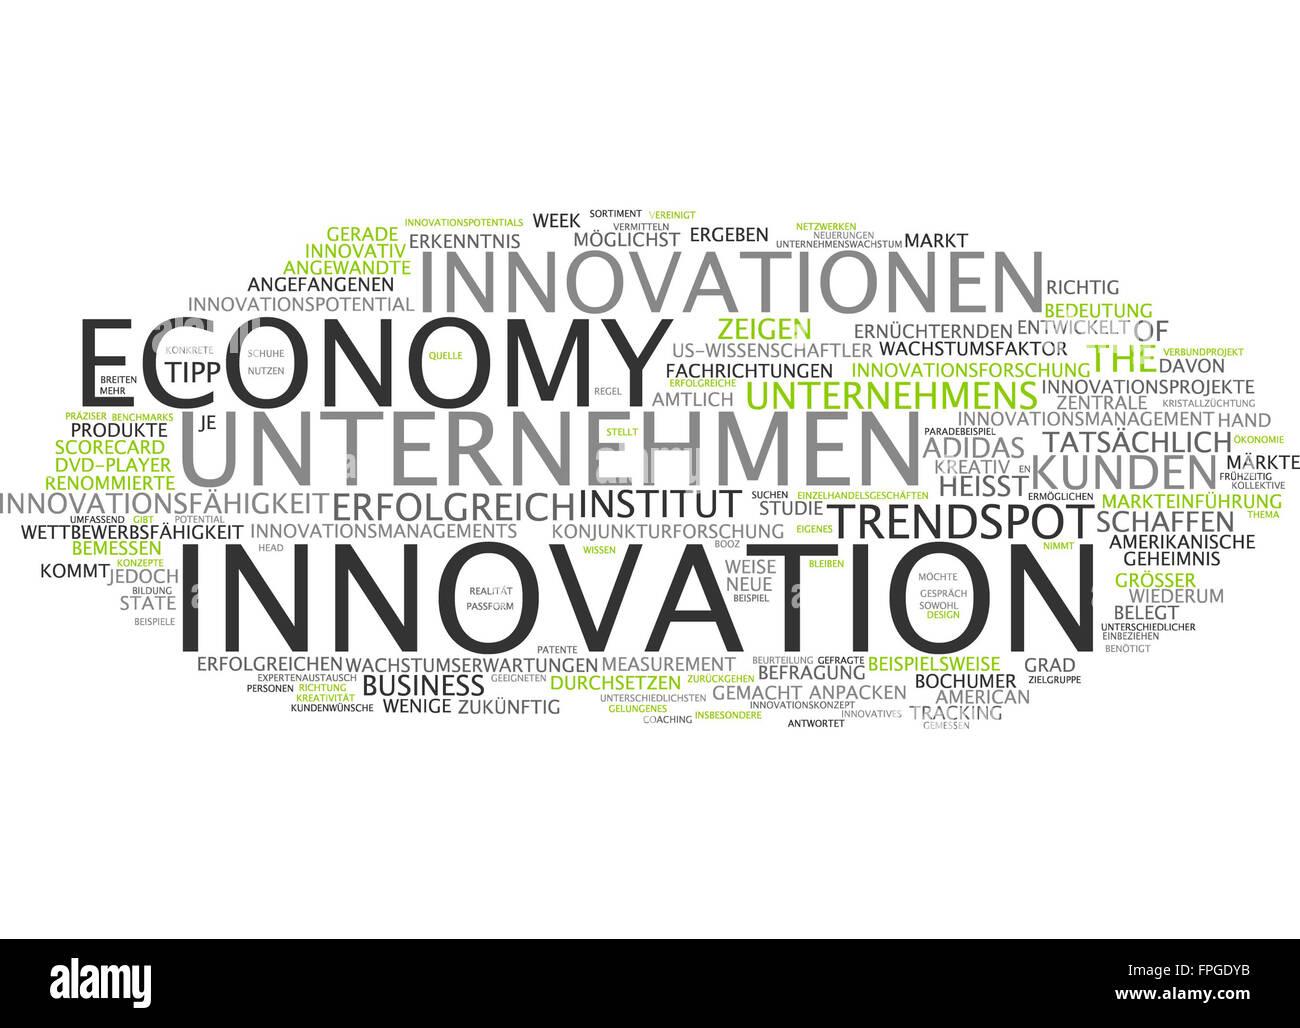 innovation economy innovationen unternehmen - Stock Image